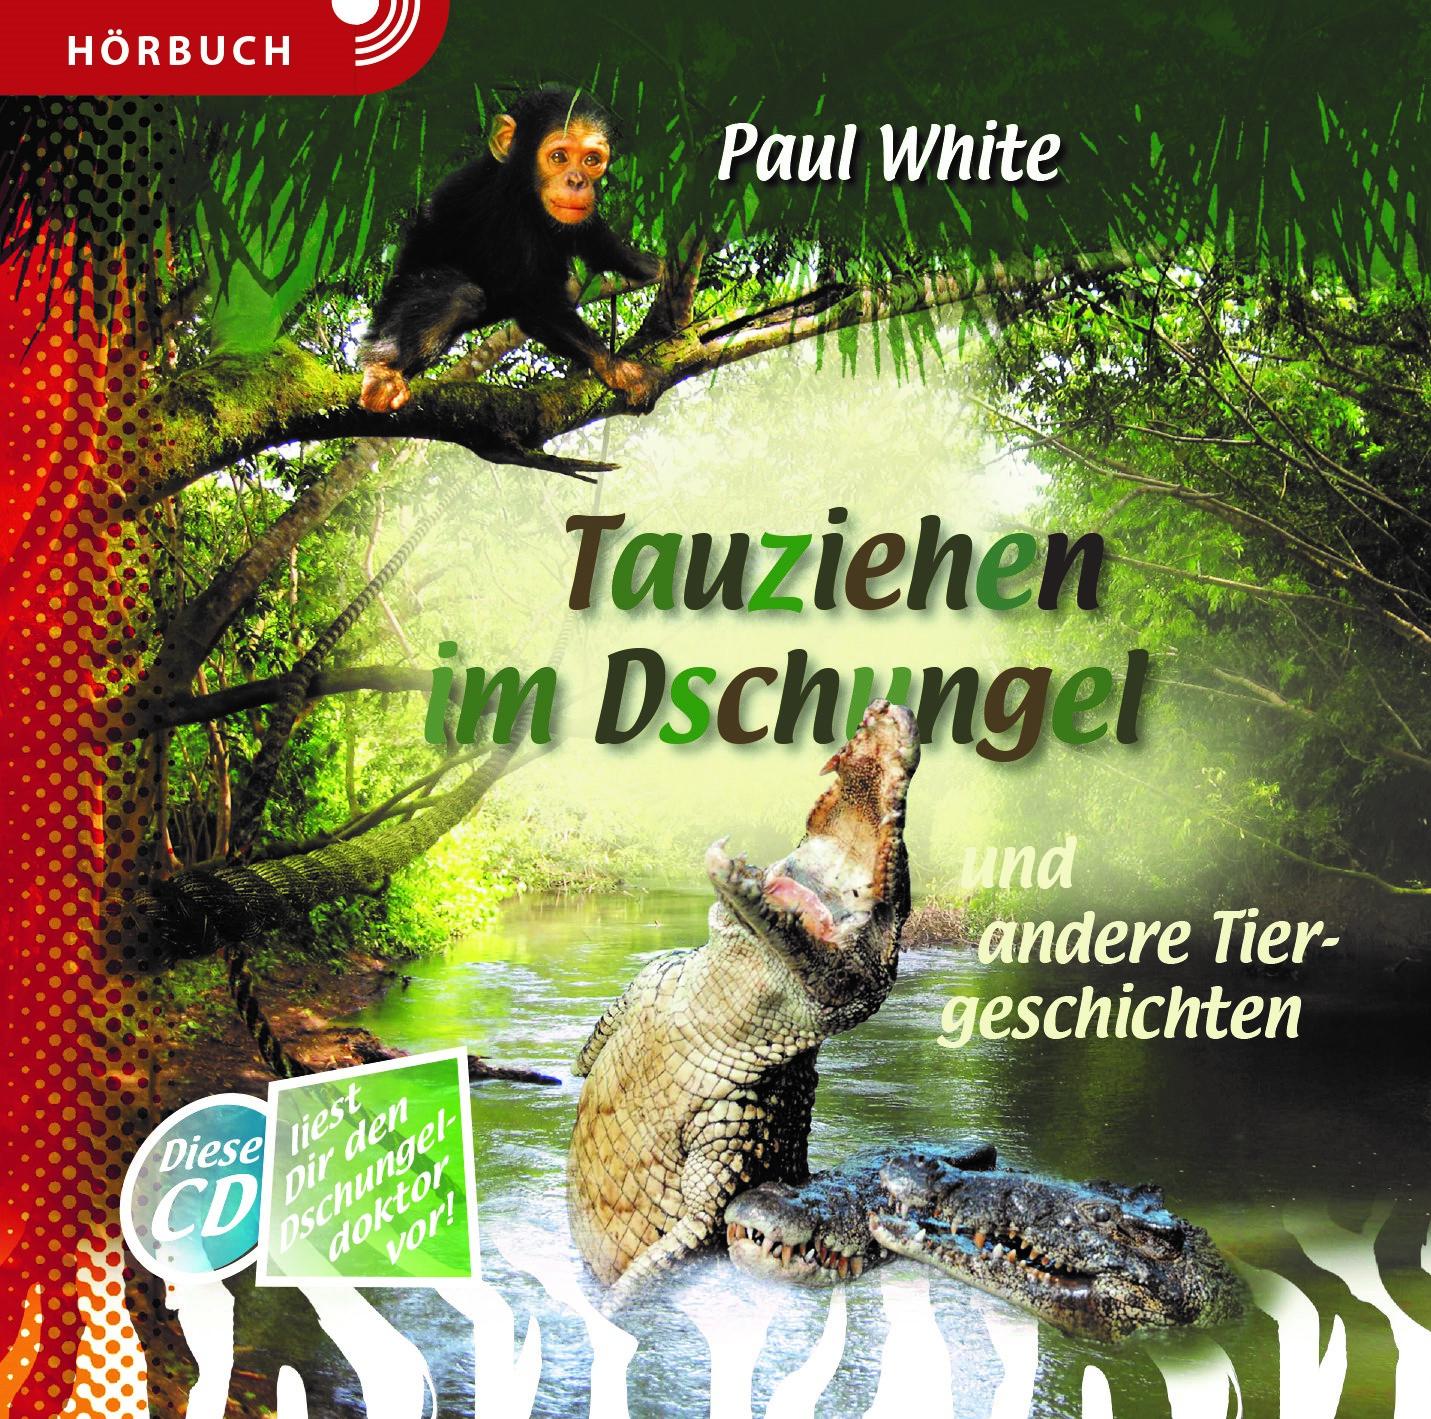 clv_tauziehen-im-dschungel-mp3_paul-white_256983_1